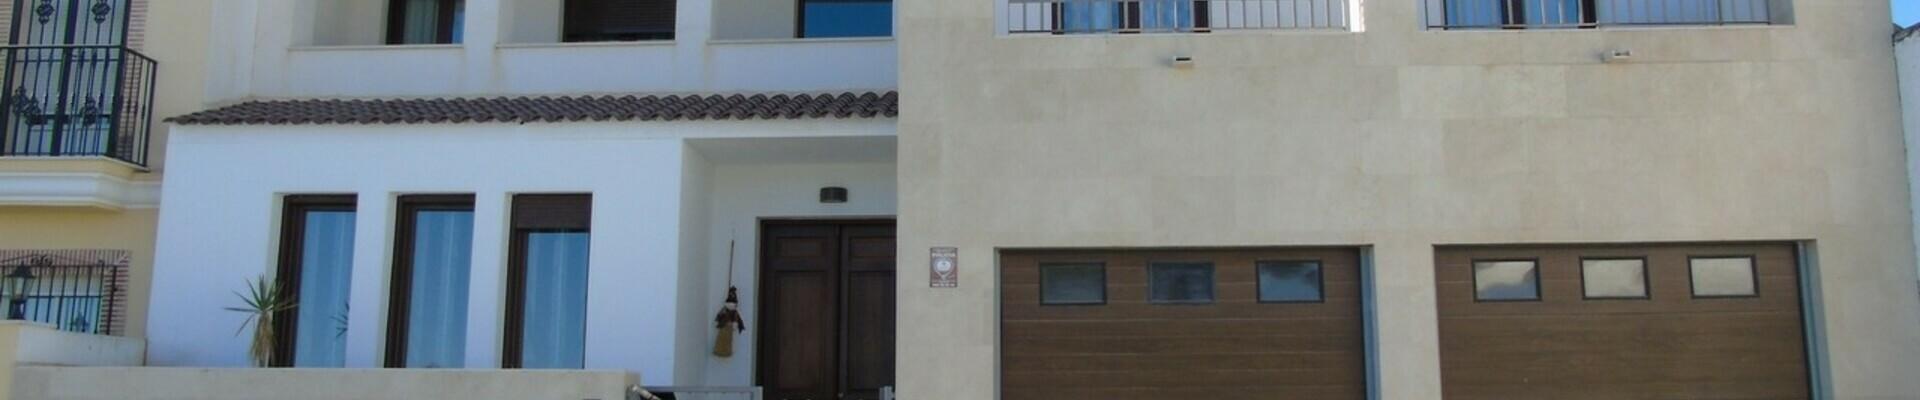 AF667: 5 Habitación Duplex en venta